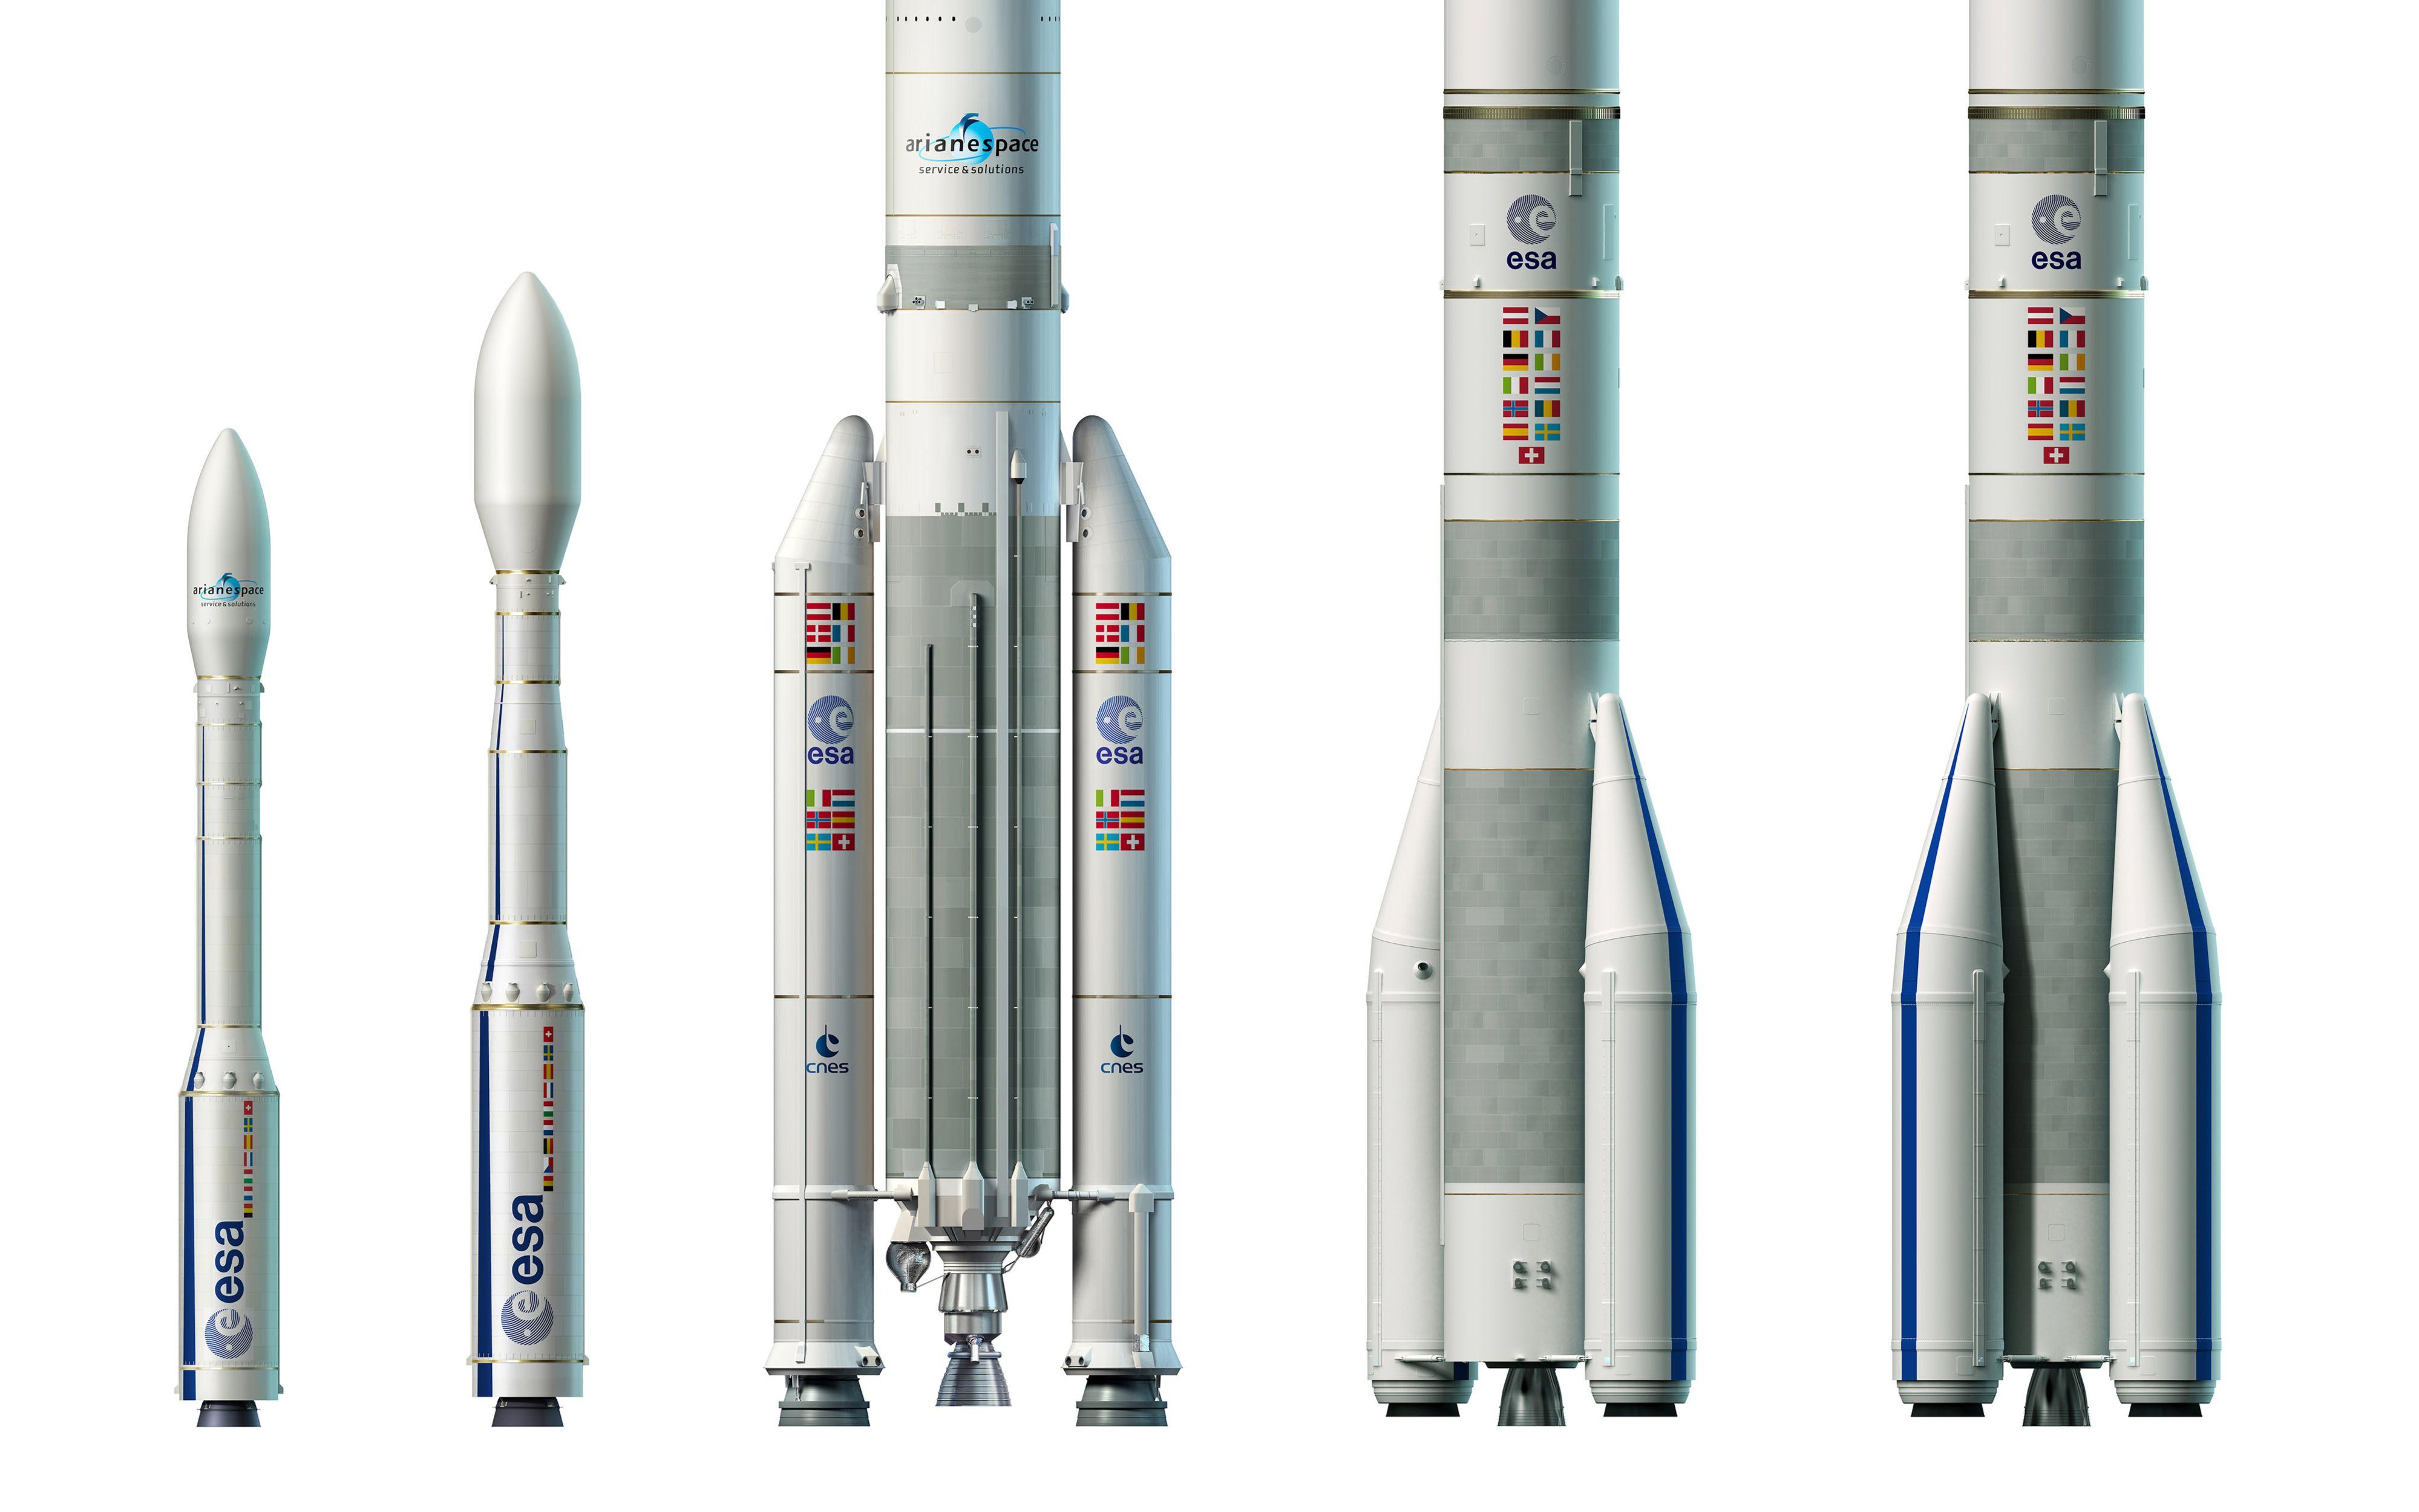 人体写真囹�a��)��'�il�f�x�~�;�K�>j�x��Y��&����/��7��_动手制作自己的火箭_星海_科技_bilibili_哔哩哔哩